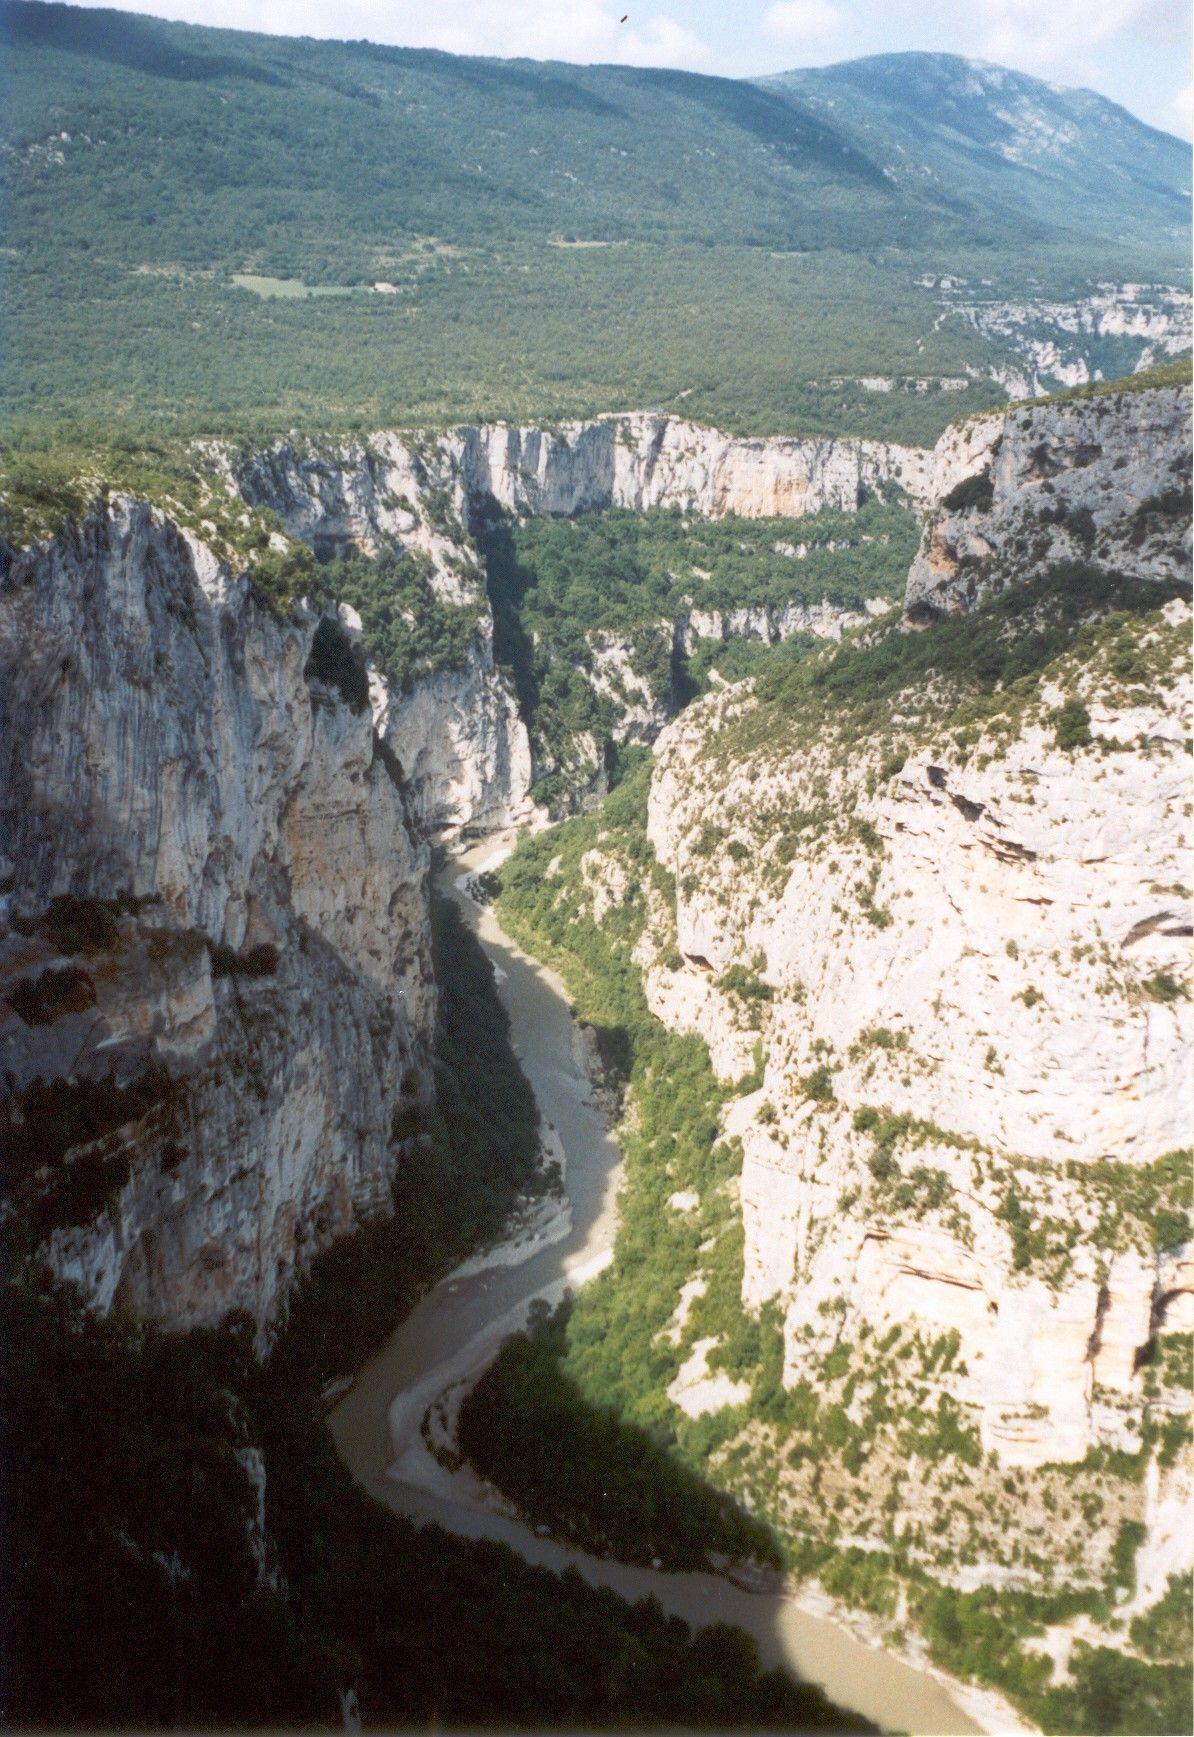 Leggi il resoconto del nostro viaggio in moto in Francia del Sud su www.mototurismo.fvg.it/it/francia_sud mototurismo, motovacanze ed itinerari in moto.